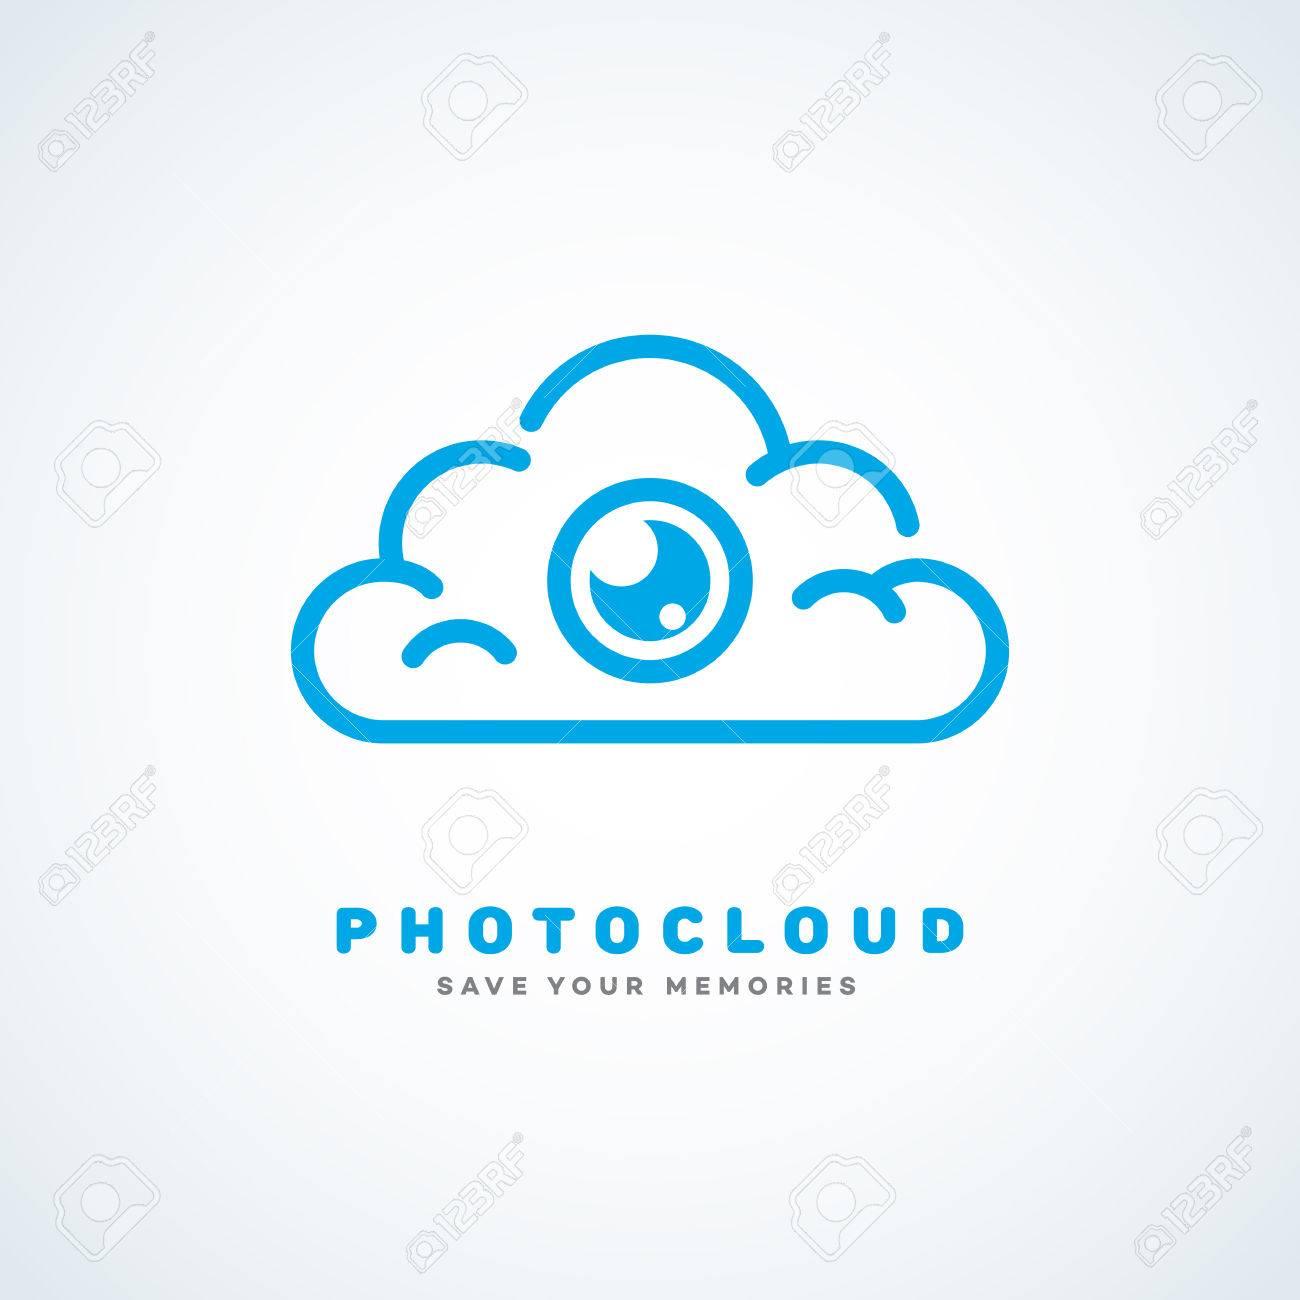 Logo-Design-Vorlage Für Cloud-Service Mit Wolke Und Kamera-Objektiv ...